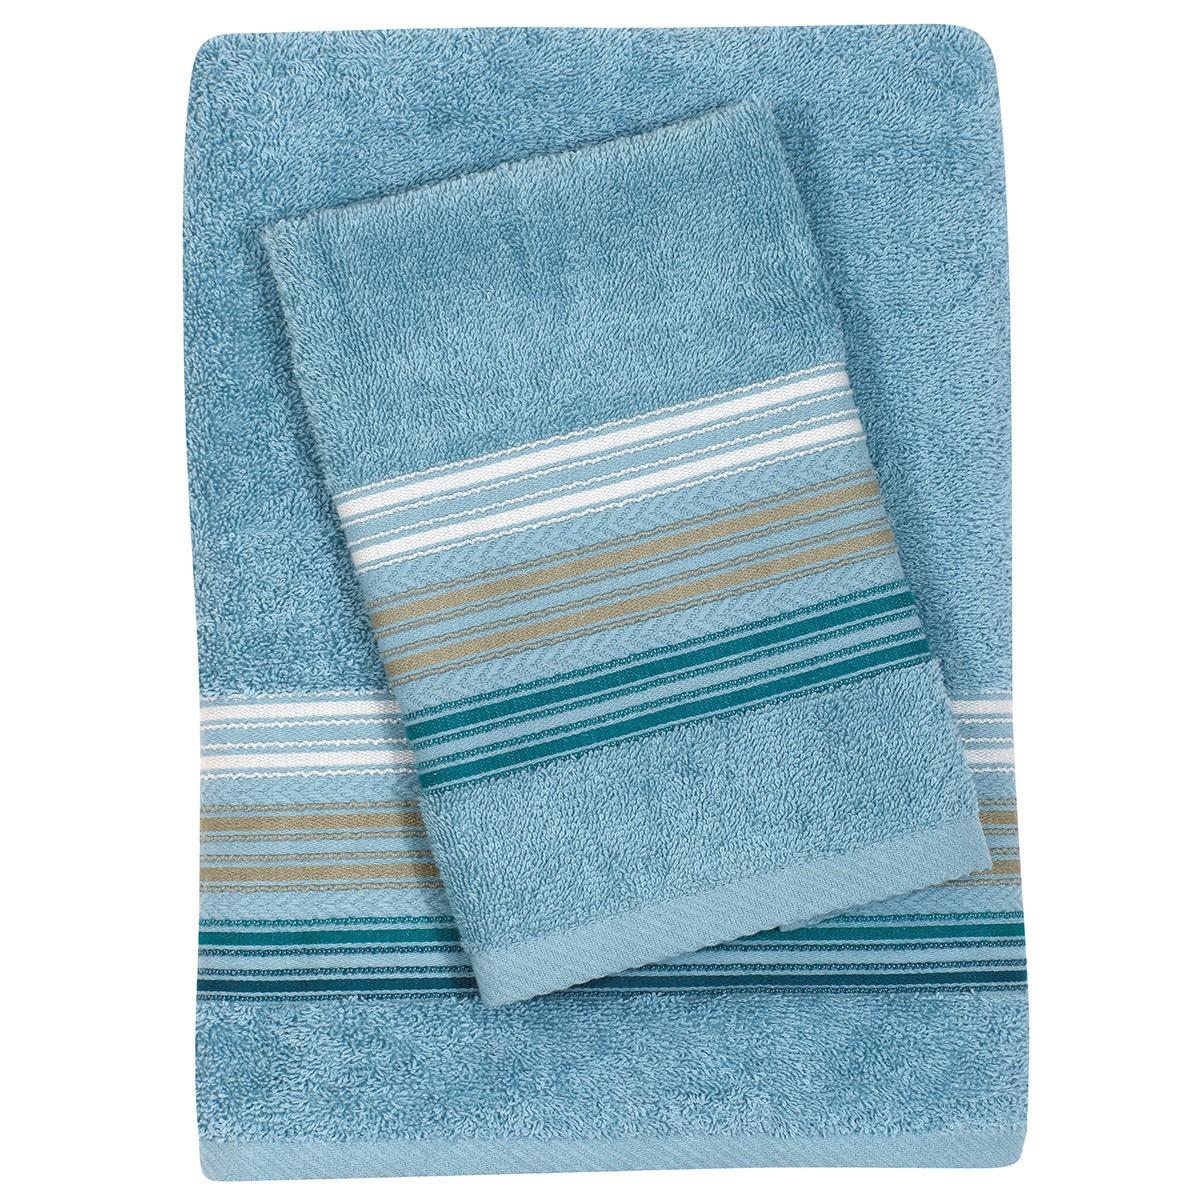 Πετσέτες Μπάνιου (Σετ 3τμχ) Das Home Best 344 89994